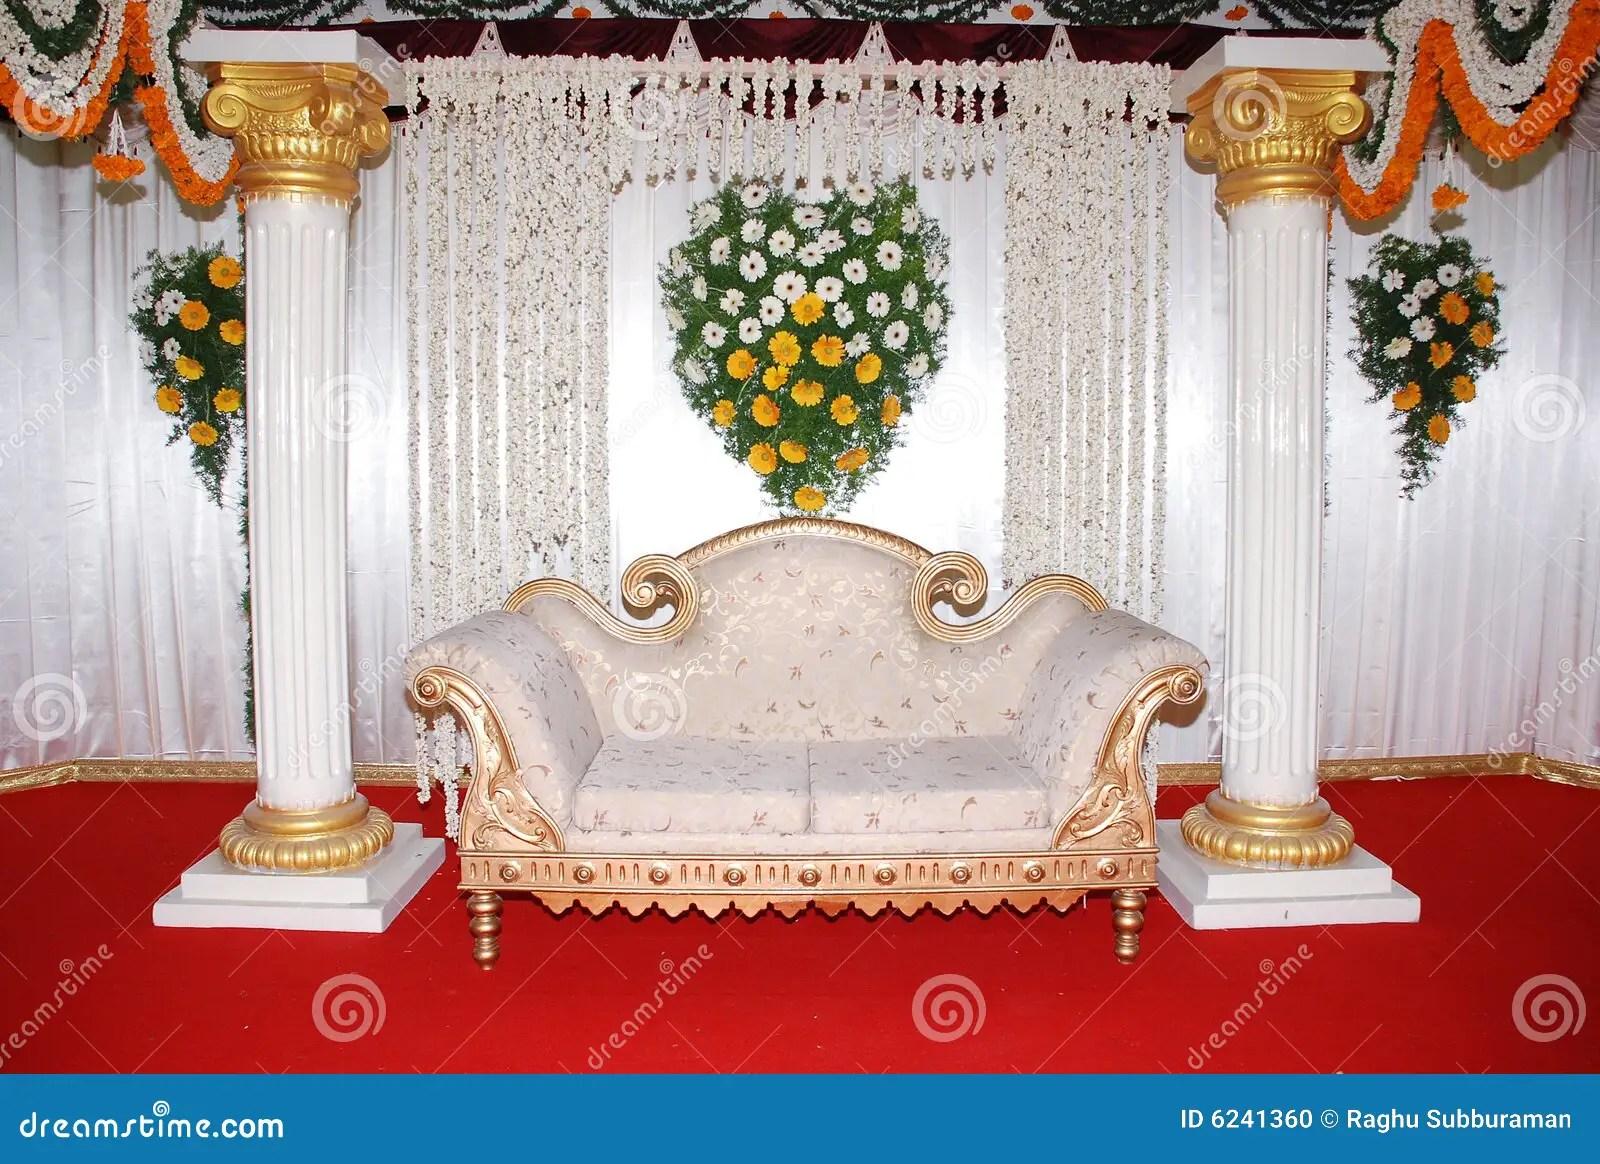 wedding sofa fendi stock photo image of stage engagement pillar 6241360